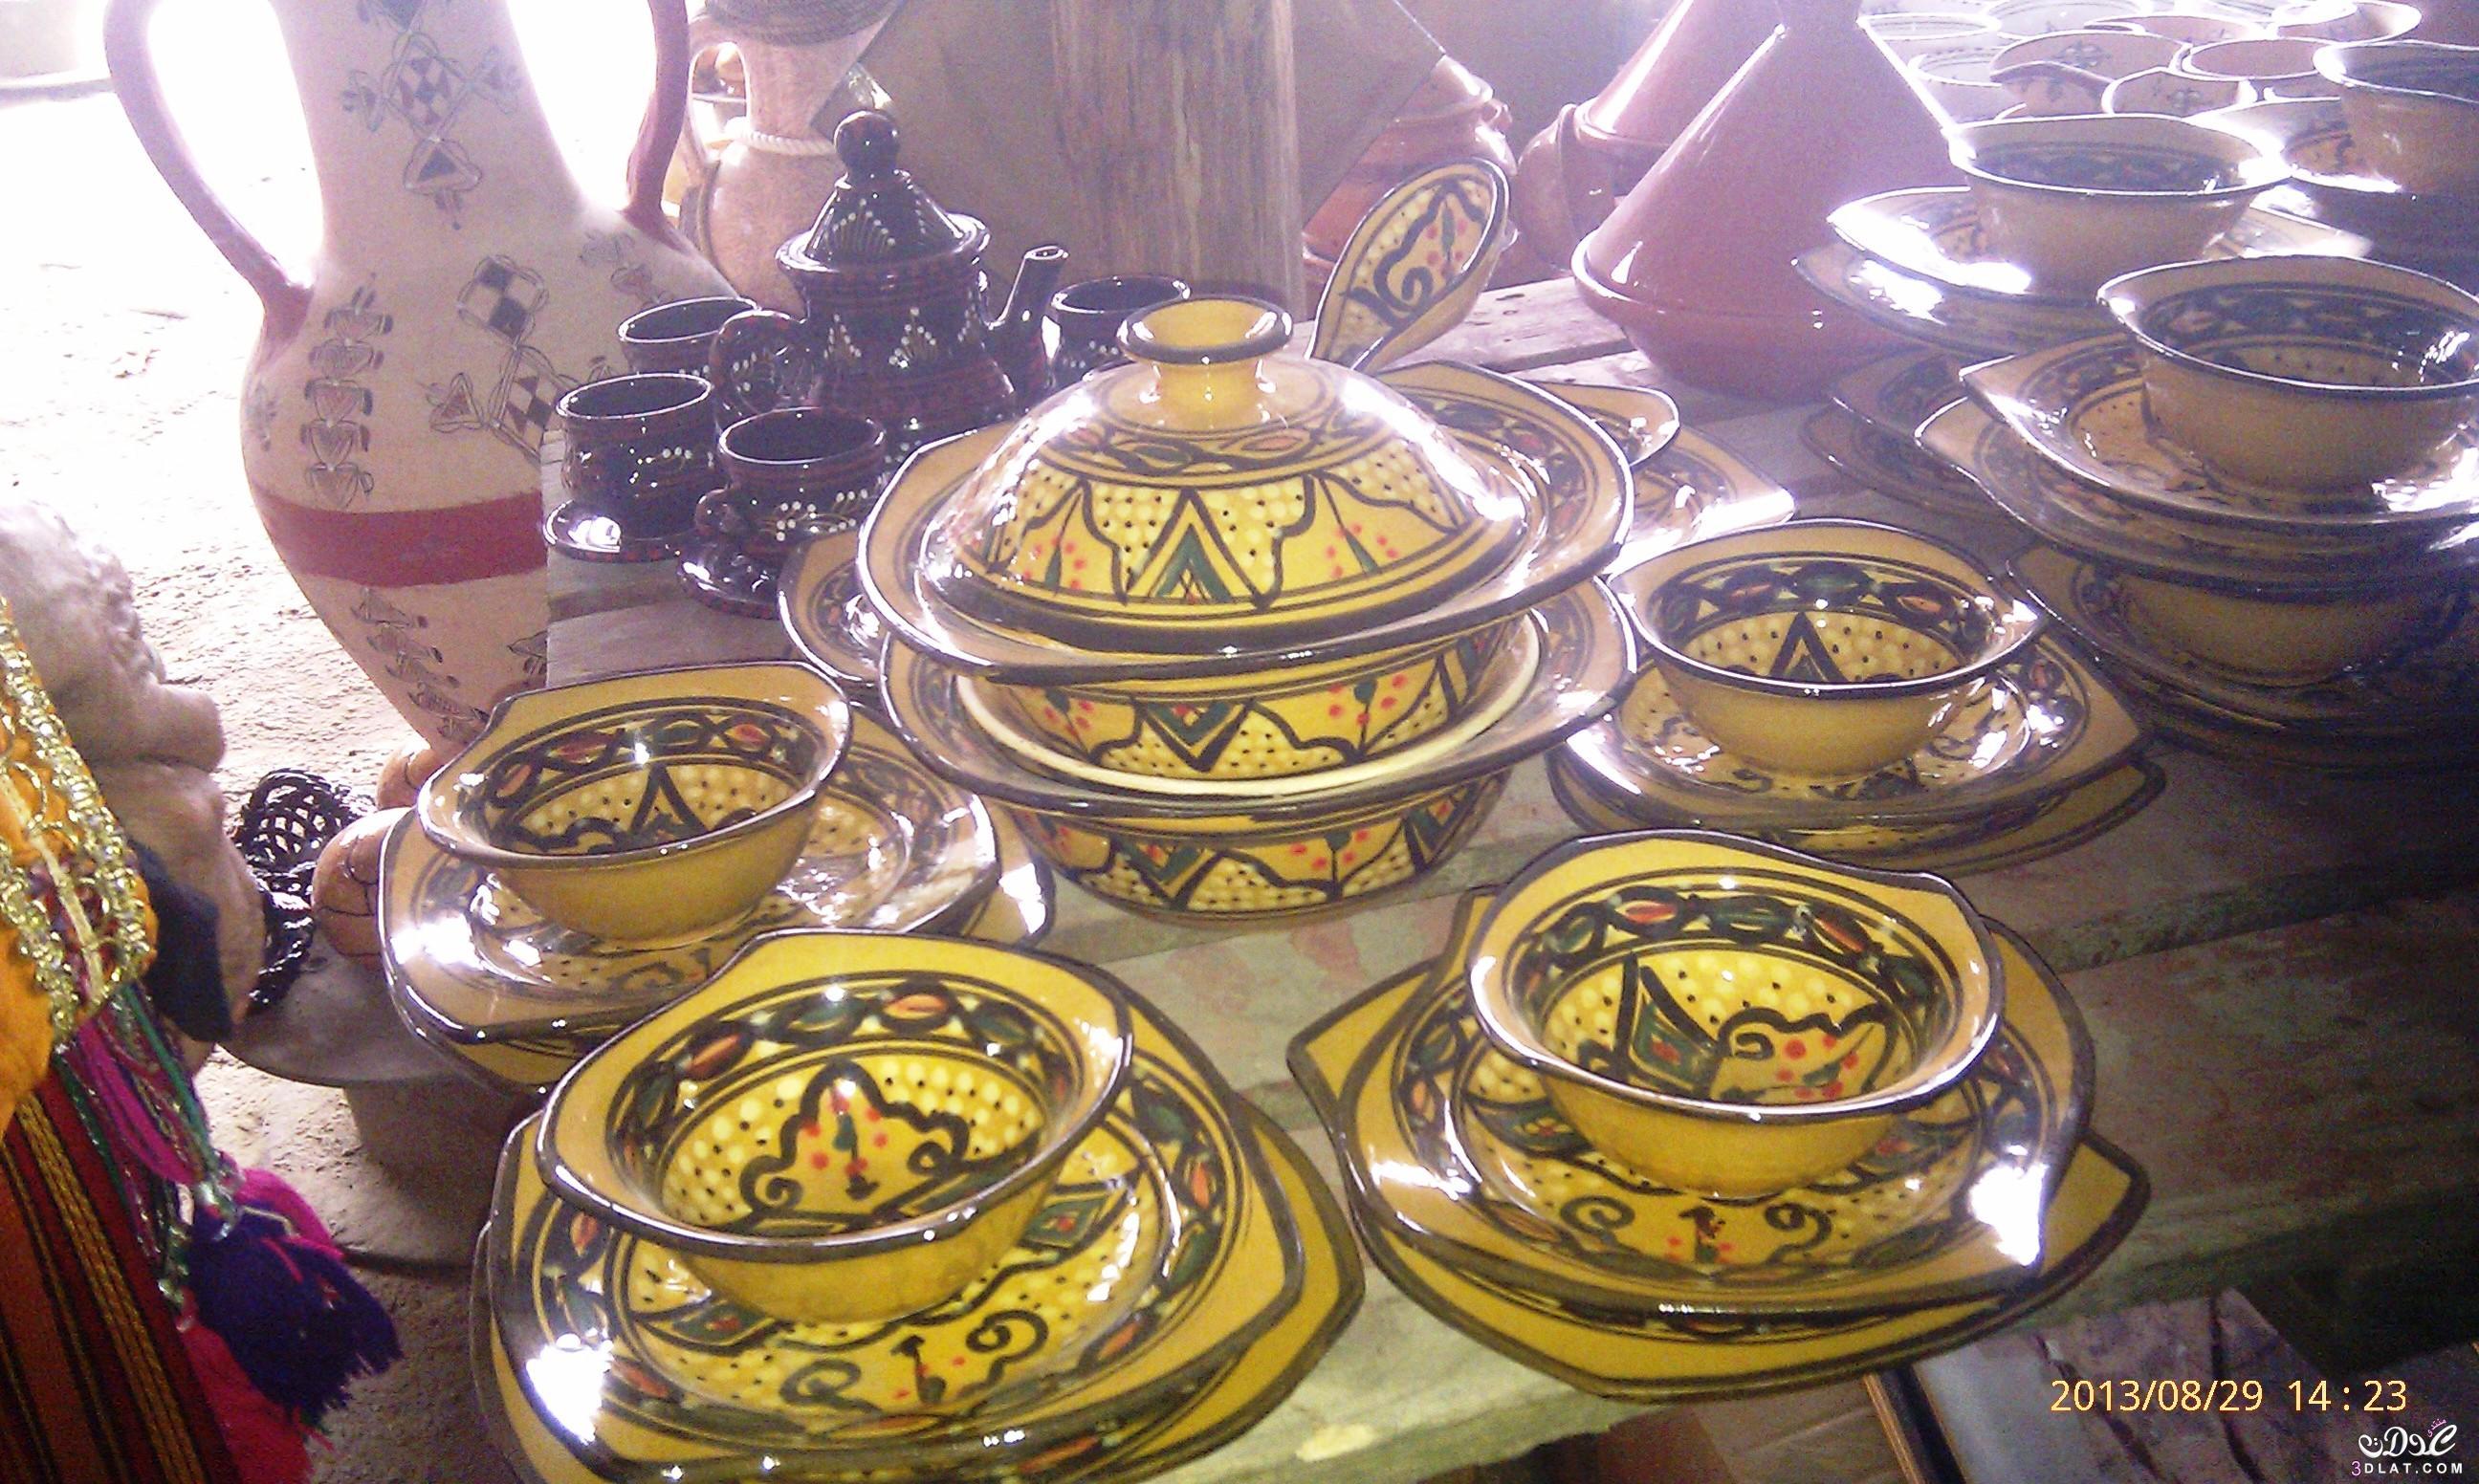 أواني فخارية من تصويري ,صور أواني للمطبخ من الفخار 3dlat.com_23_2014)5.